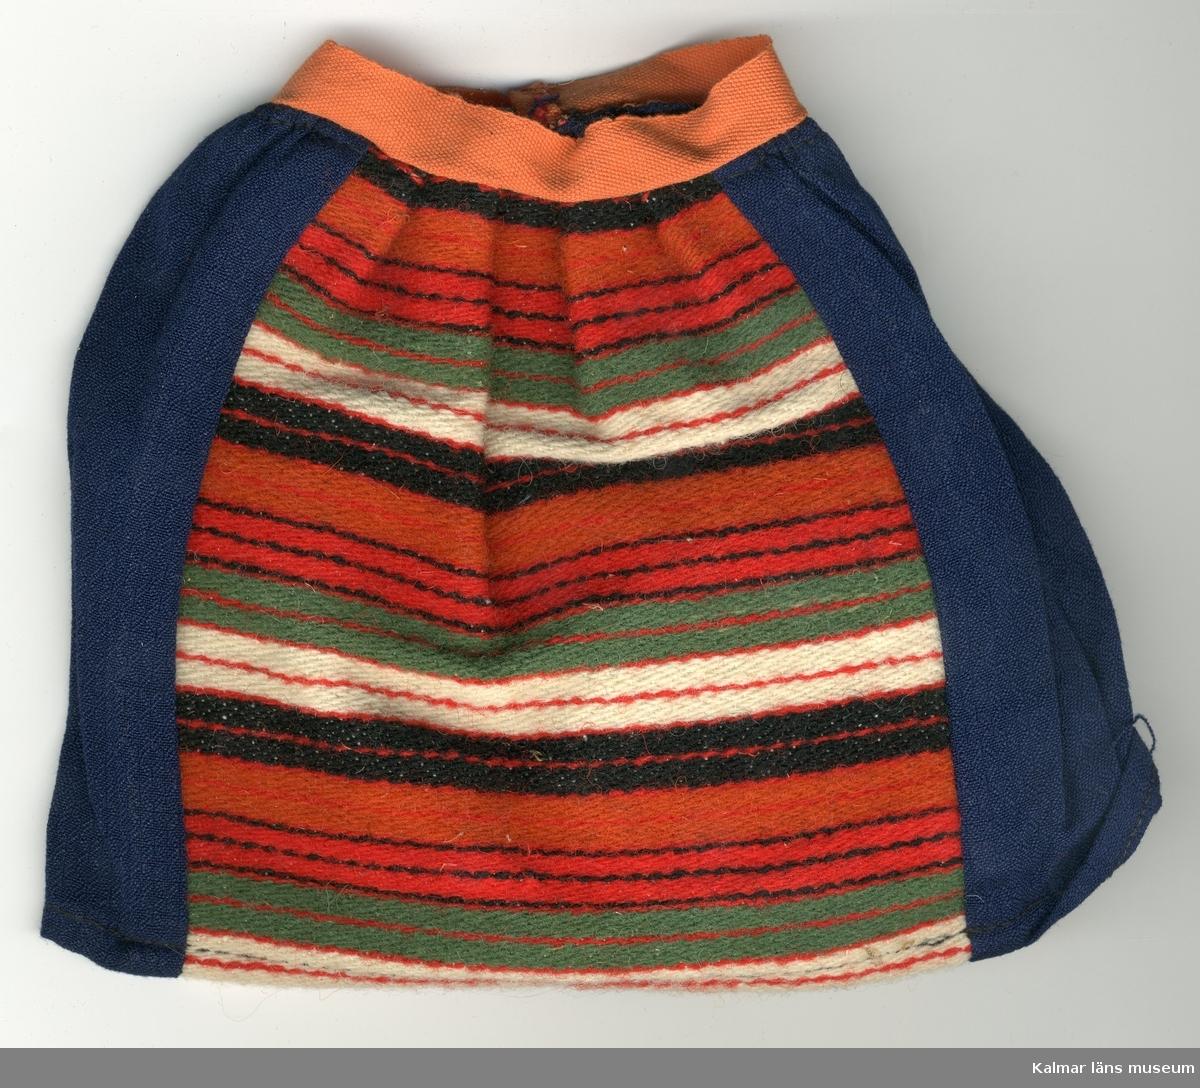 KLM 28082:266:1-4 Dockkjol, del av dräkt, av textil, ylle och bomull. Kjol, blå med infällt förkläde, av ylle, lodräta ränder i svart, rött, grönt, vitt och orange färg, Kjol och förkläde rynkade. :2 och :4 kjolar har bomullsband i orange färg i linning, :1 och :3 kjolar har bomullsband i ljusrött i linning. Knäppning, alla plagg, med en  hyska, av röd tråd och en hake, av metall. :1 Kjol har etikett fäst vid fåll, med texten: 19- (i blyerts). Nationaldräktskjol från Rättvik.